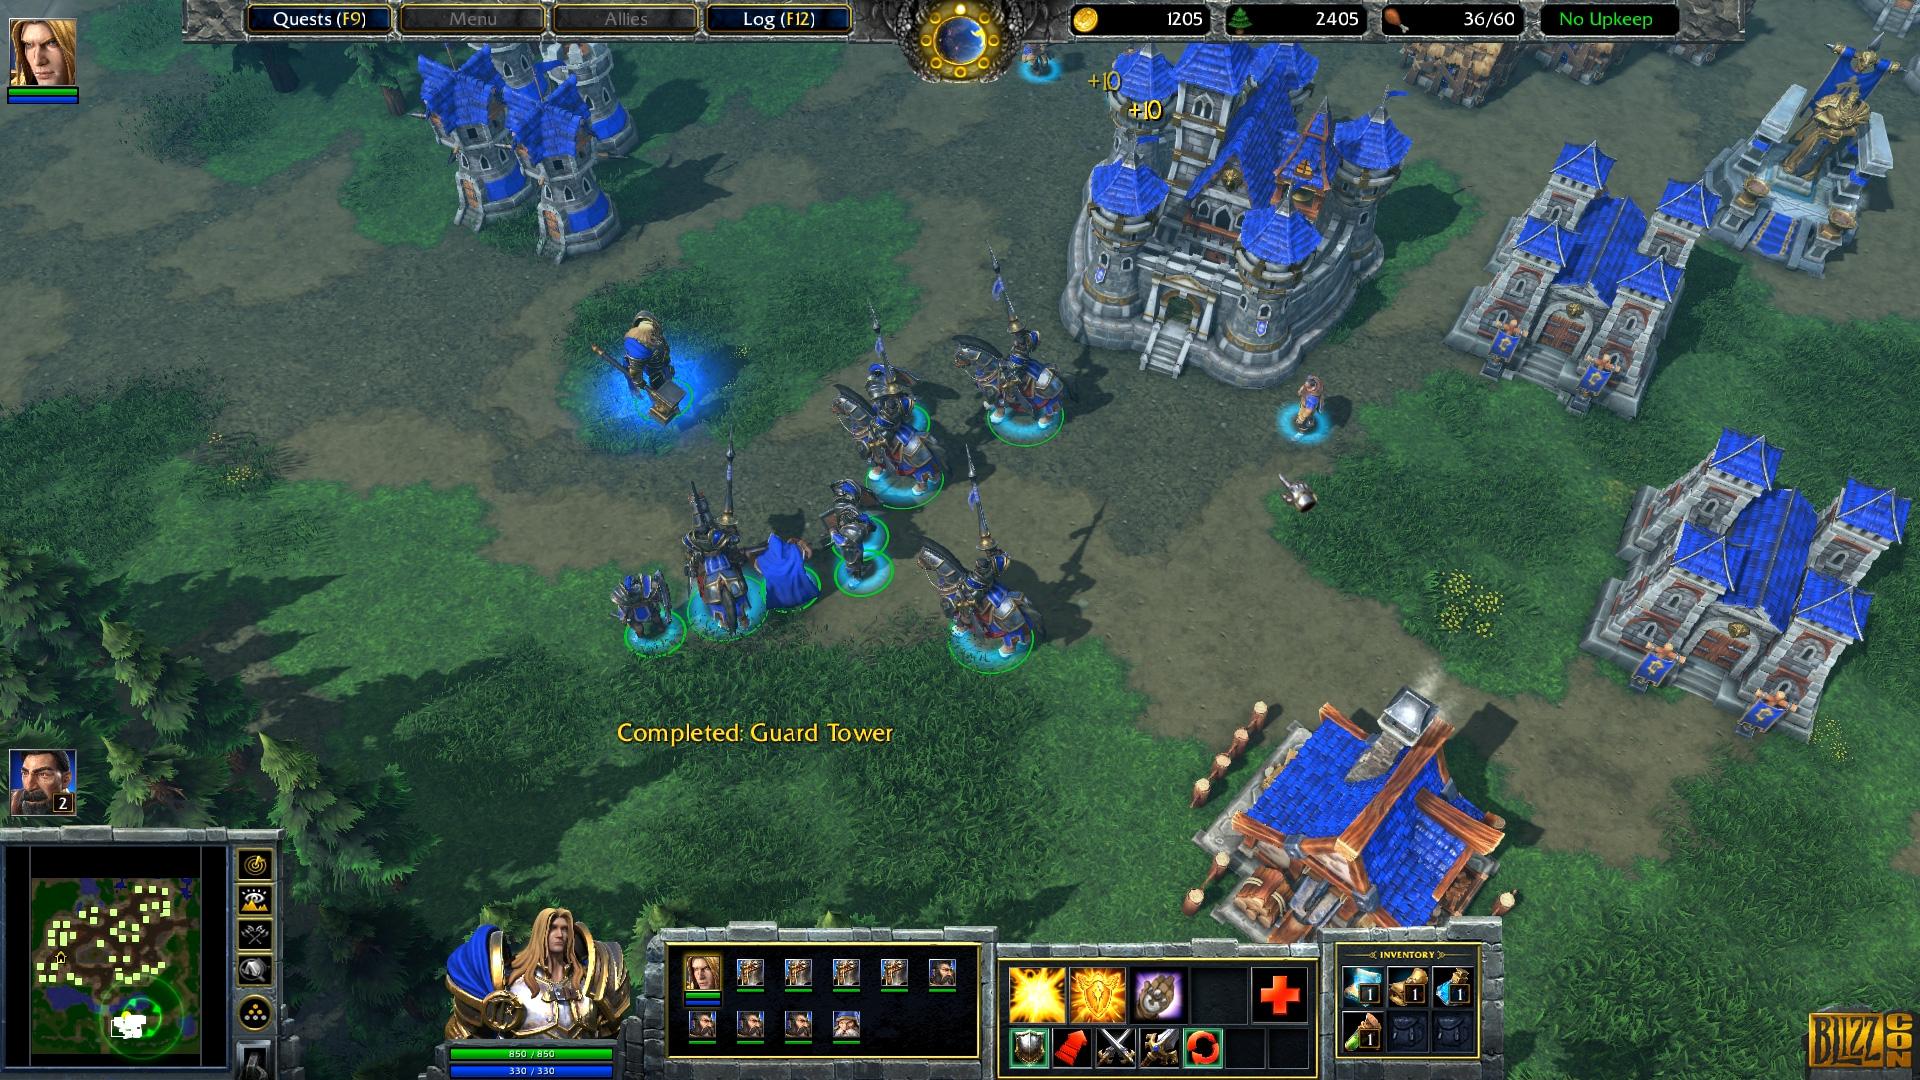 """Das ursprünglich 2002 veröffentlichte """"Warcraft 3"""" war der letzte Ableger der Strategie-Serie, bevor man sie nur zwei Jahre später zugunsten des Online-Rollenspiels """"World of Warcraft"""" aufs Abstellgleis schob."""